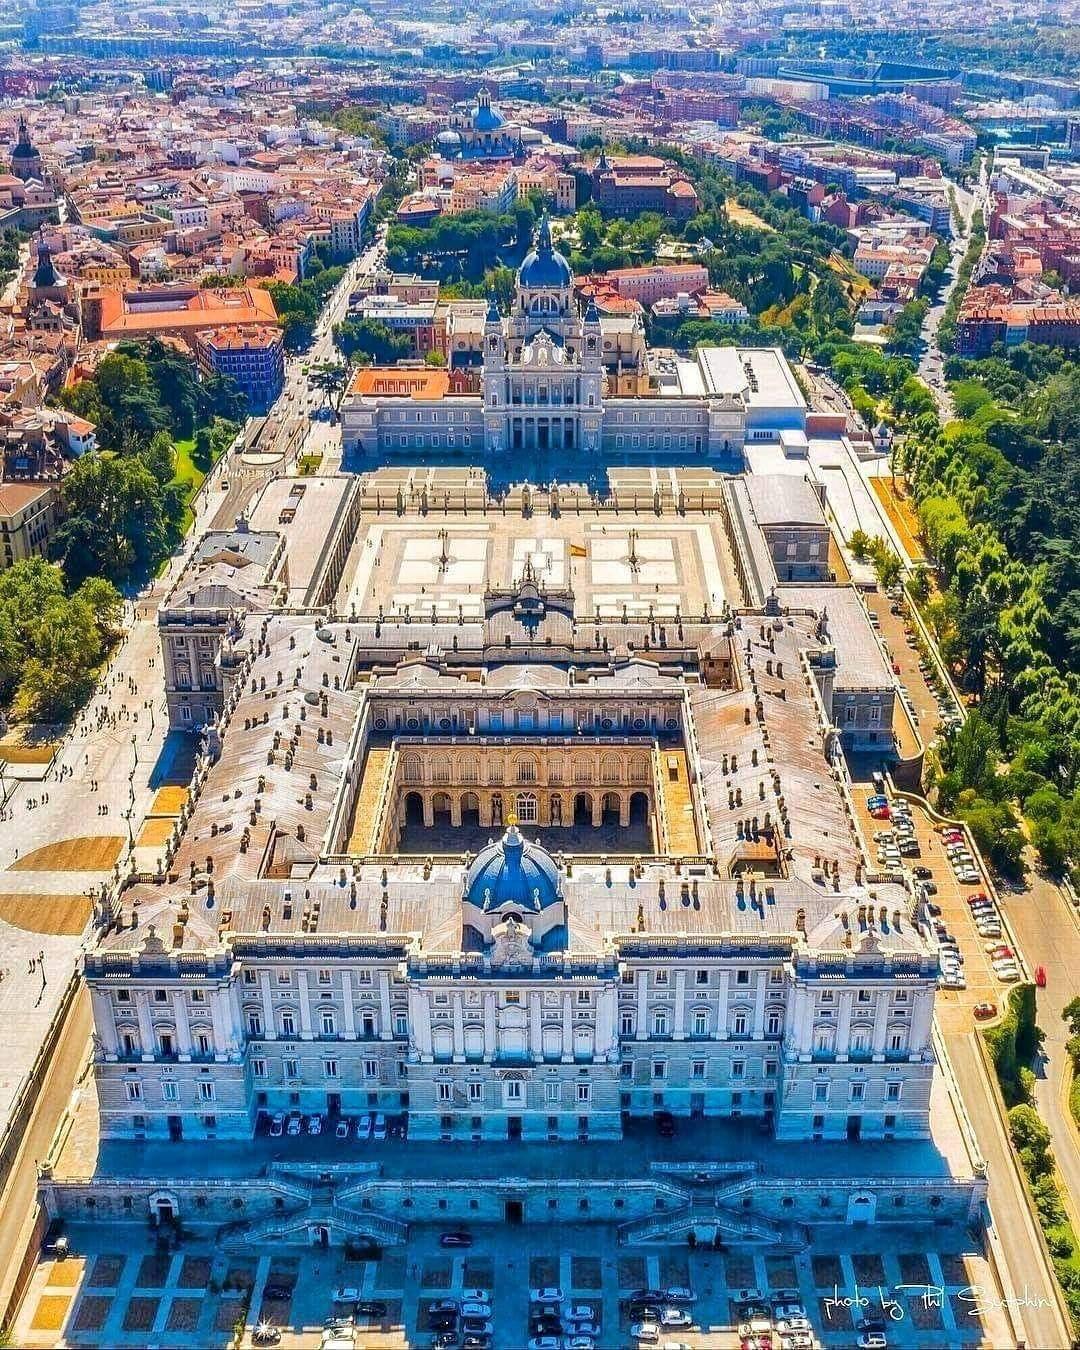 Palacio Real Y Catedral De La Almudena Viajar Por España Palacio Real De Madrid Madrid Turismo